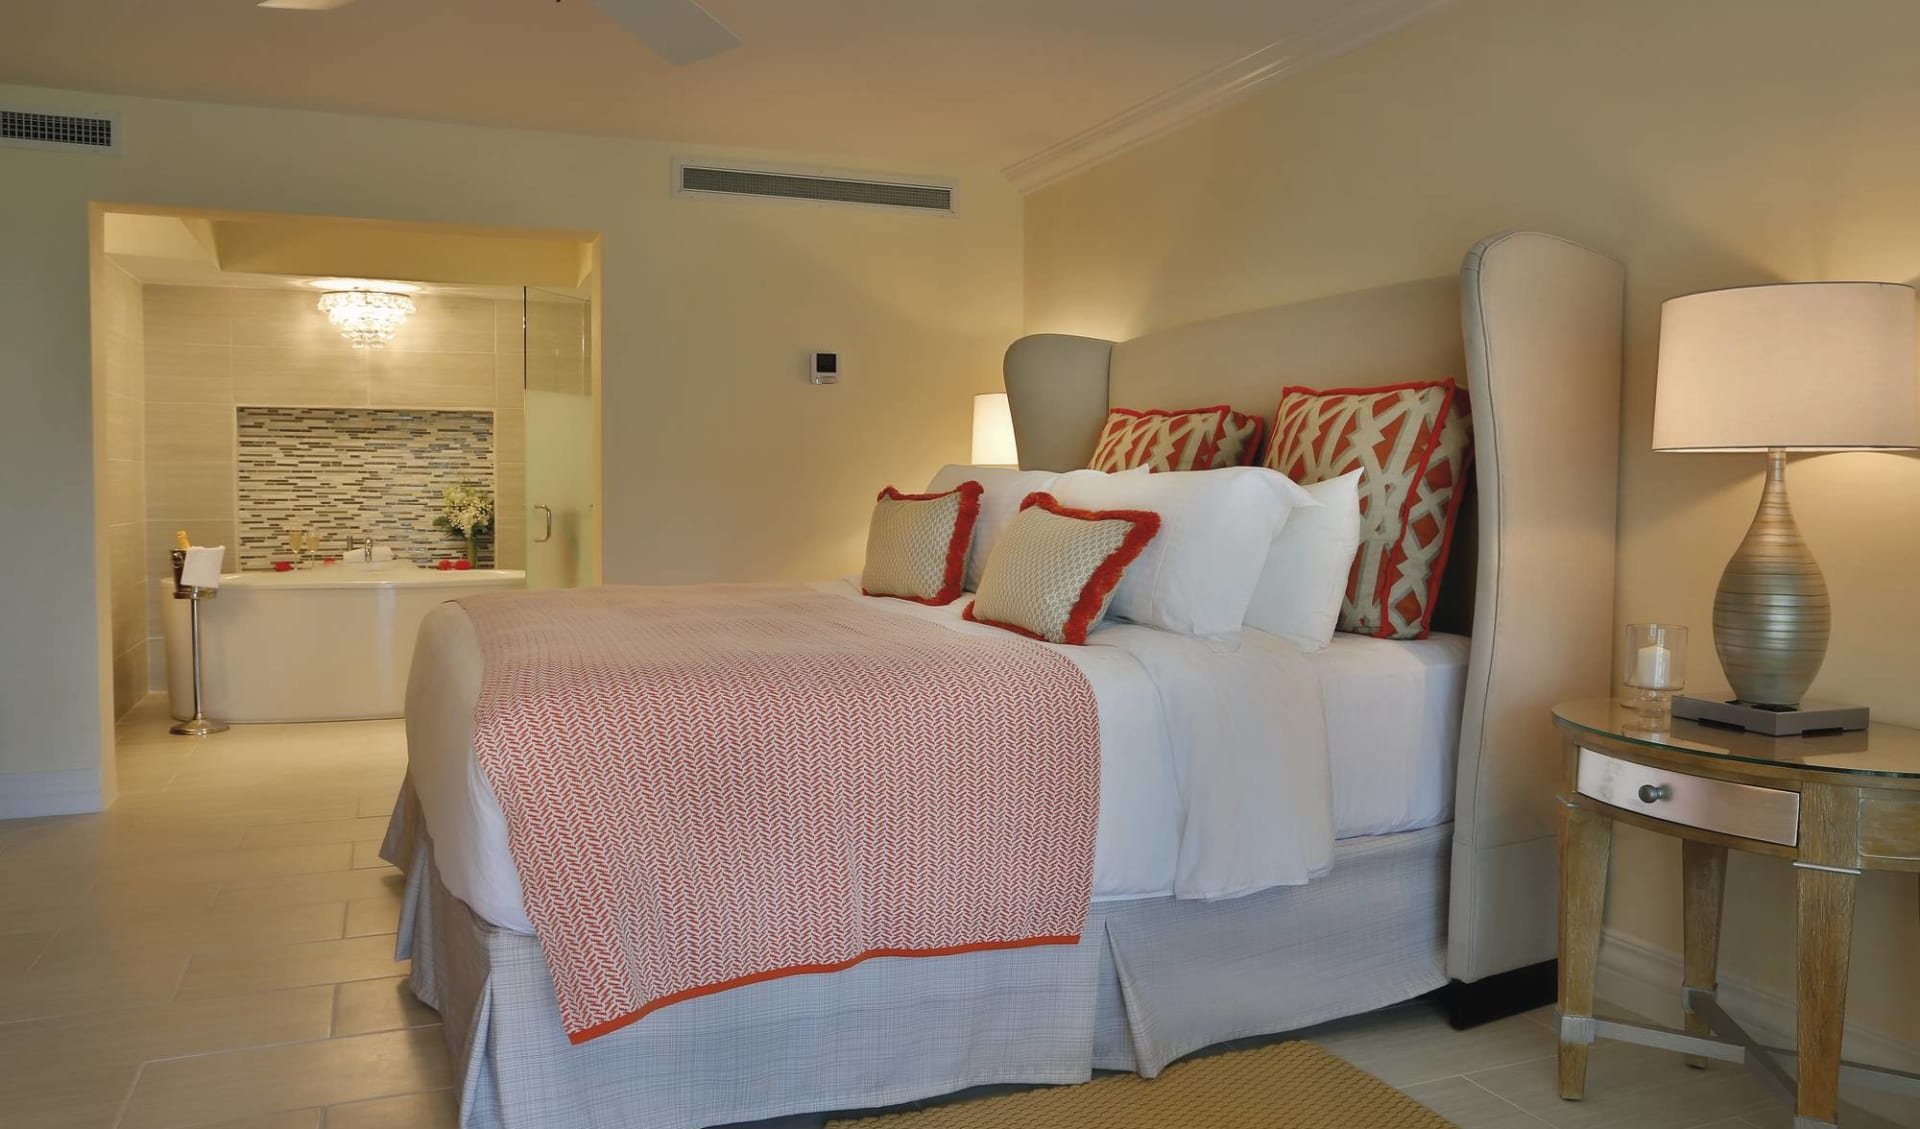 Rendezvous Hotel in Malabar Beach:  Zimmer Rendezvous St. Lucia - Standardzimmer cHotel